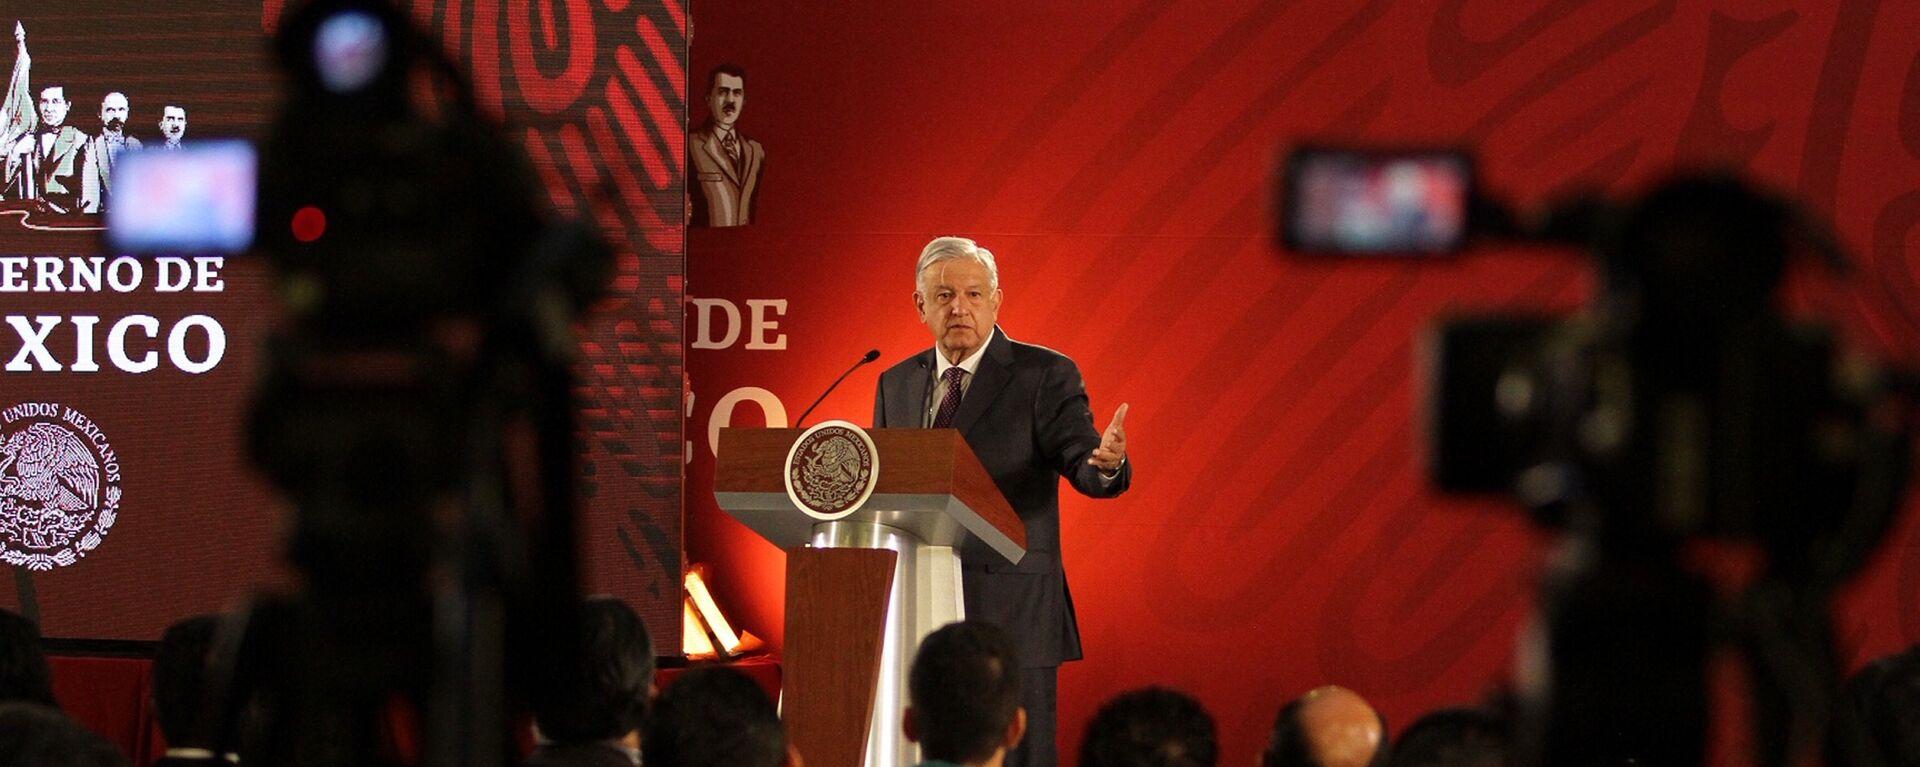 Andrés Manuel López Obrador, presidente de México - Sputnik Mundo, 1920, 18.06.2021